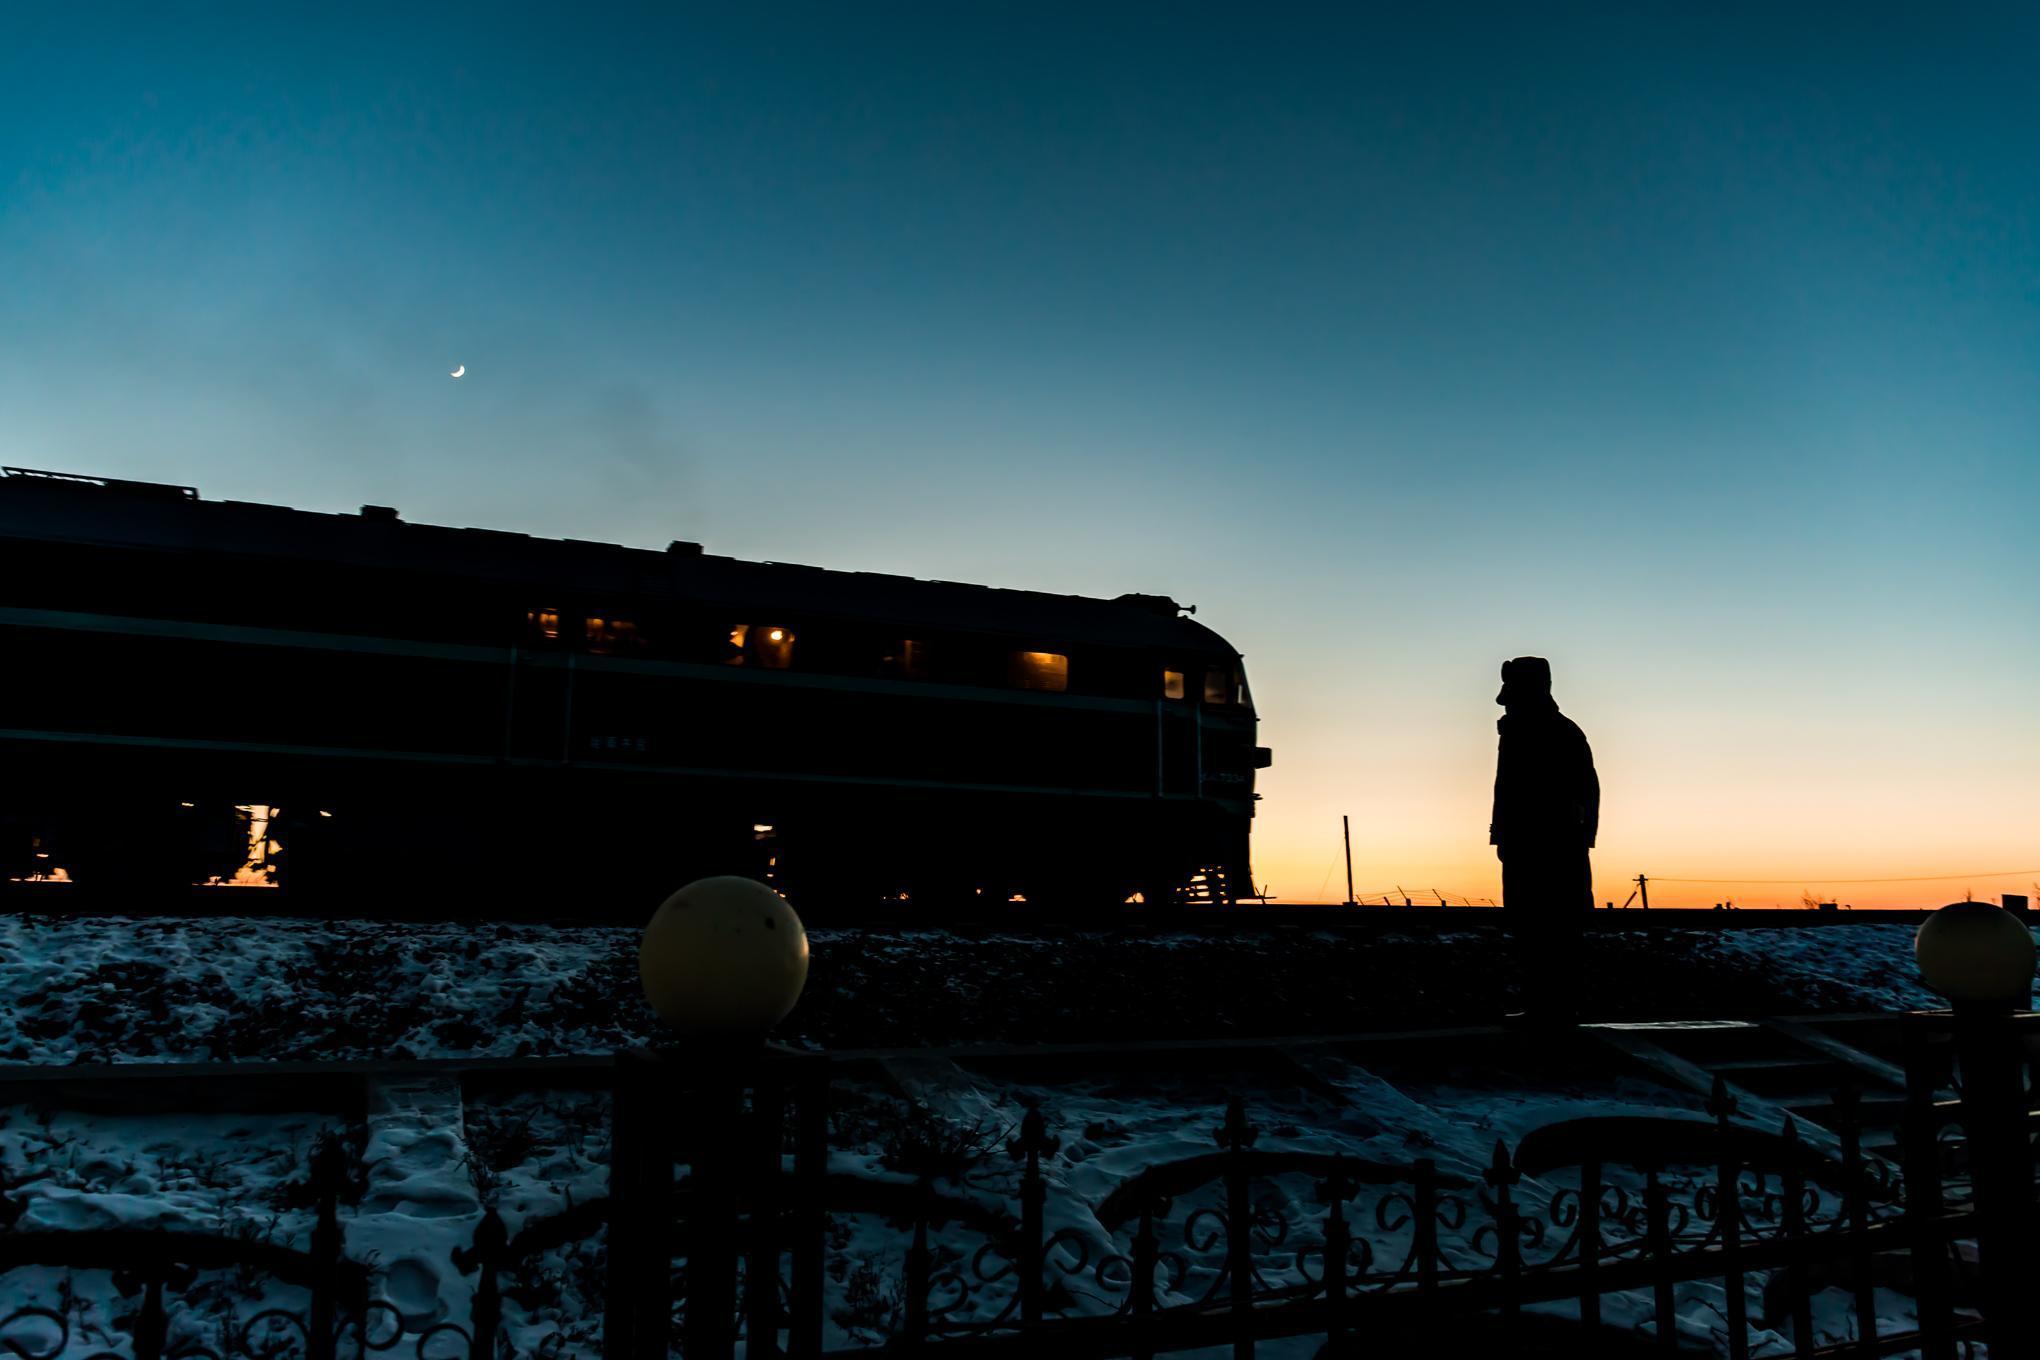 内蒙古2个相距最远的城市,等于从北京到贵阳的距离